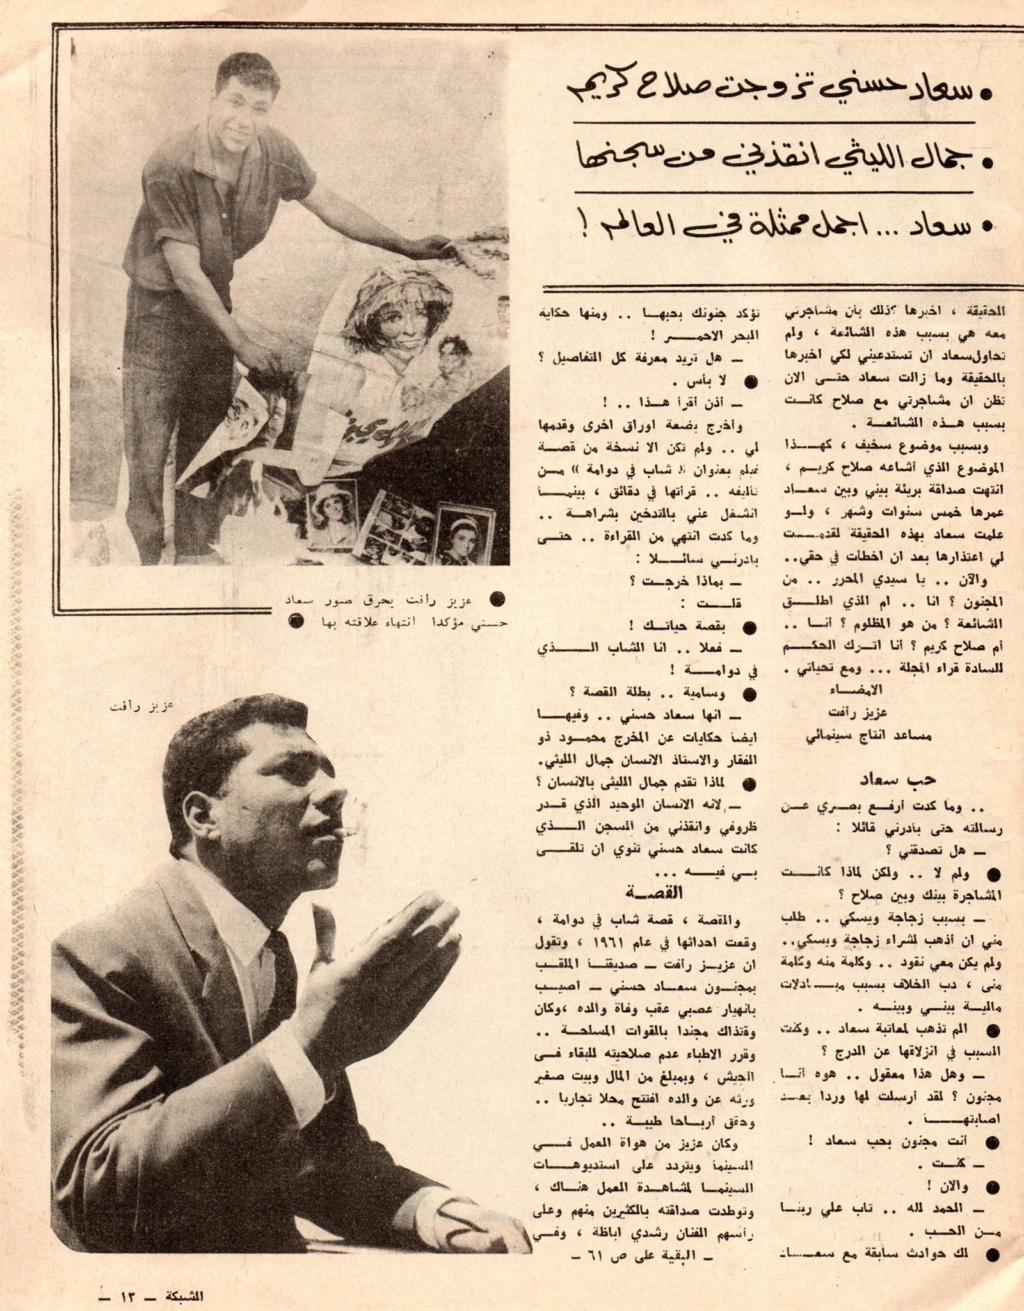 حوار صحفي : مجنون سعاد حسني يعترف 1966 م 261